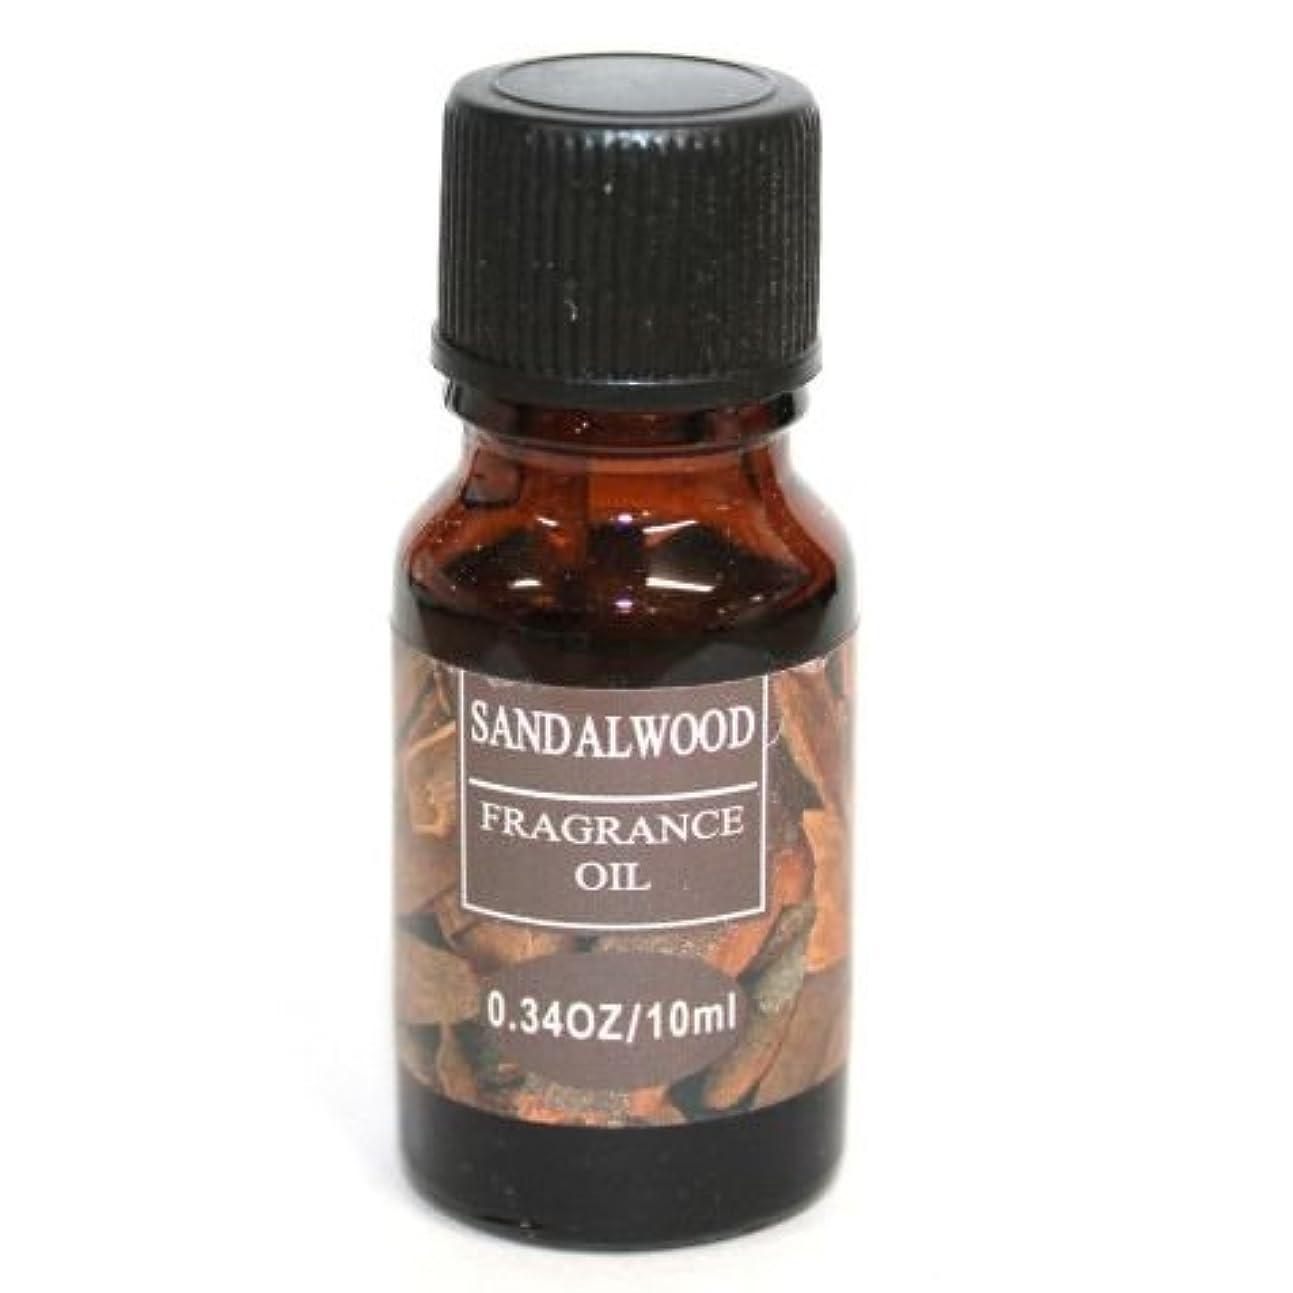 歯科の掘る死ぬRELAXING アロマオイル フレグランスオイル サンダルウッドの香り ビャクダン (白檀) RQ-03